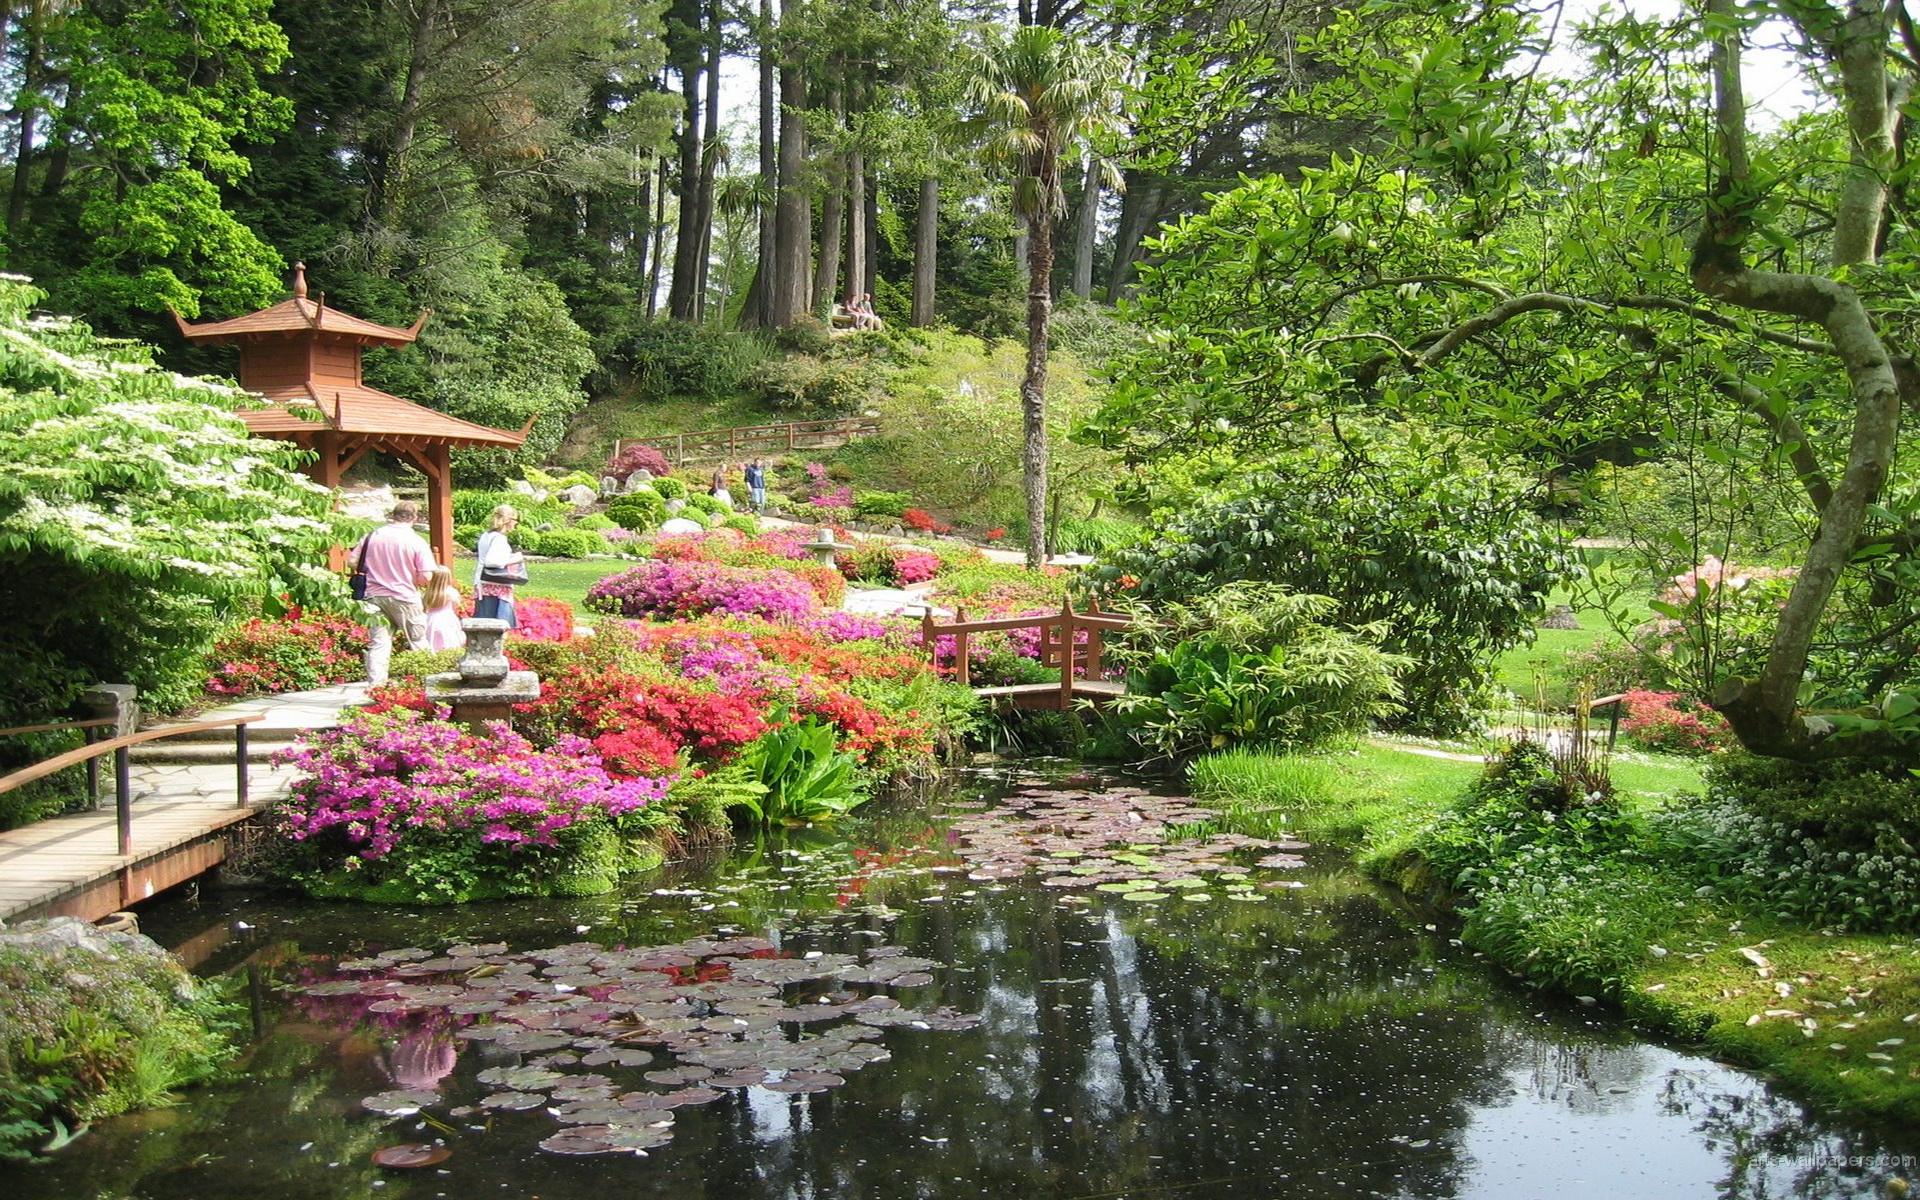 Japanese Garden Landscape Pictures Photograph 27217 Japane 1920x1200